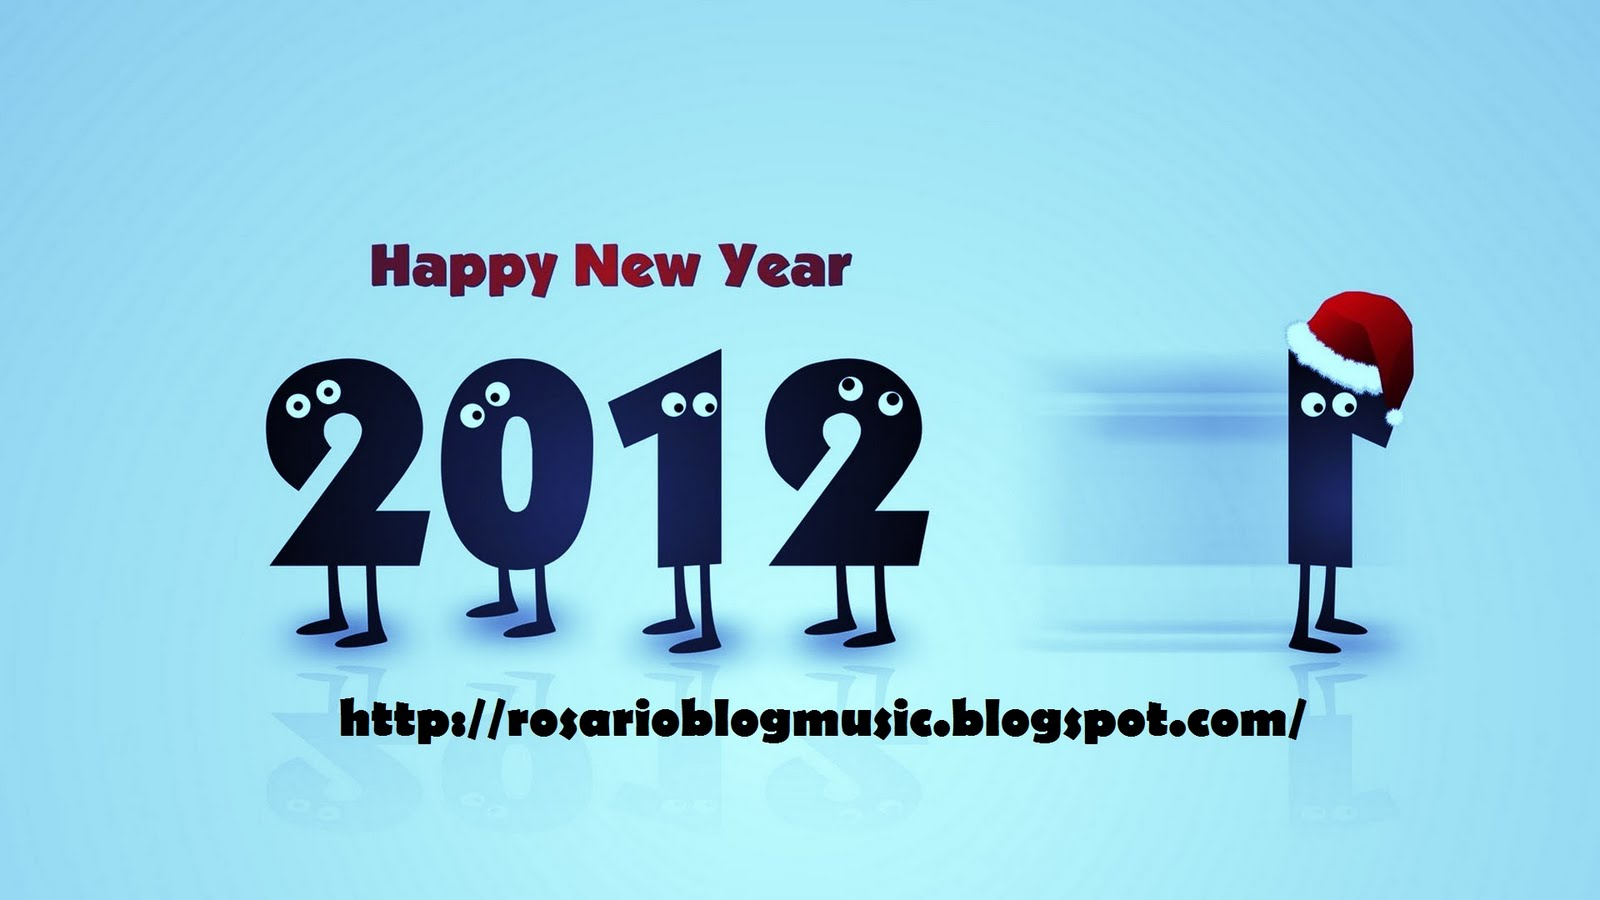 http://4.bp.blogspot.com/-zQN6KCcO8y0/Tv46Uo-VflI/AAAAAAAAA0Q/NrFKO0v1gYc/s1600/2012-happy-new-year-1920x1080%2B%25281%2529.jpg